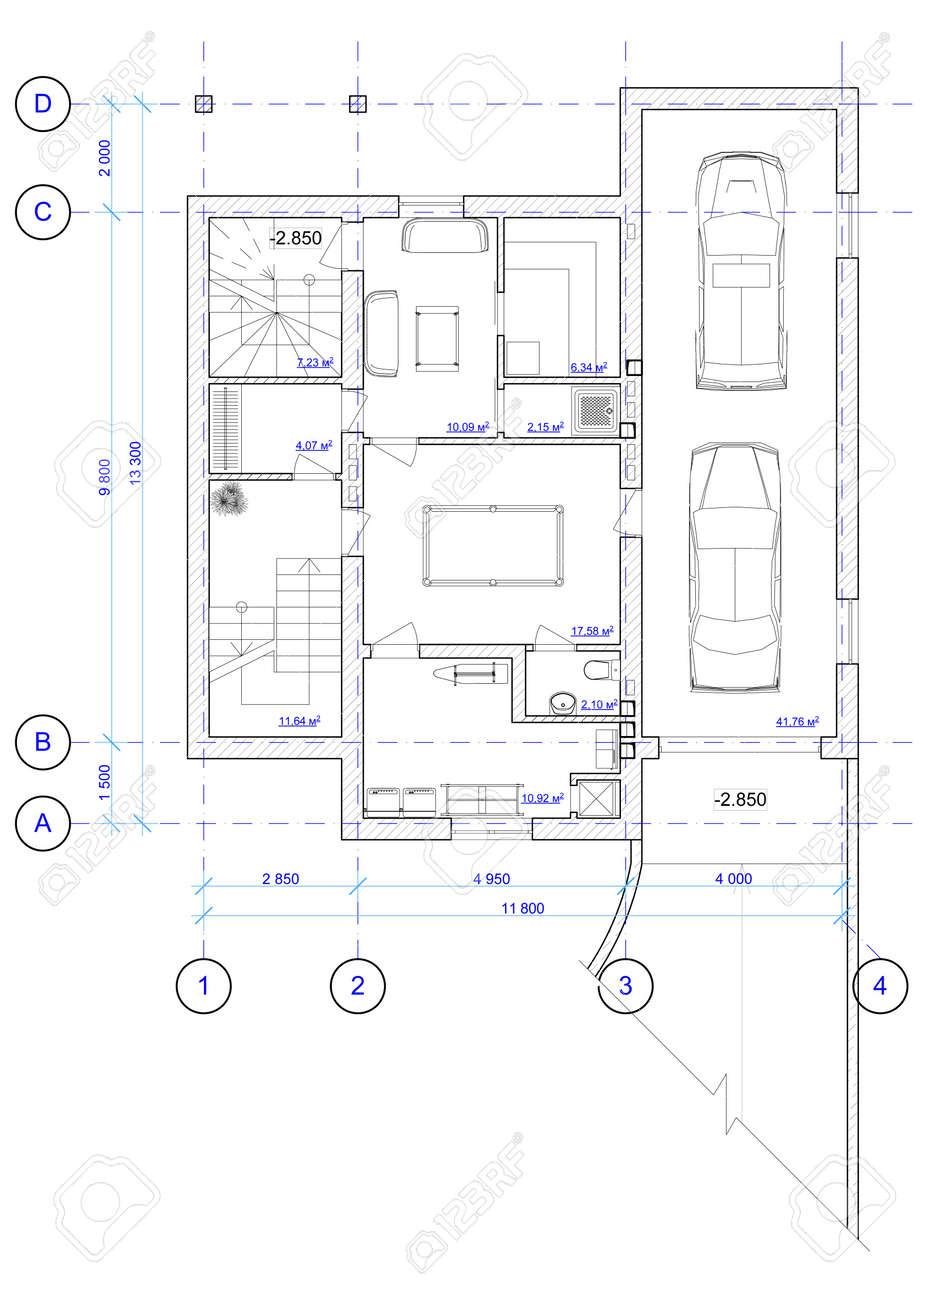 Plan De Arquitectura Blanco Y Negro De 0 Piso De La Casa Con Una ...